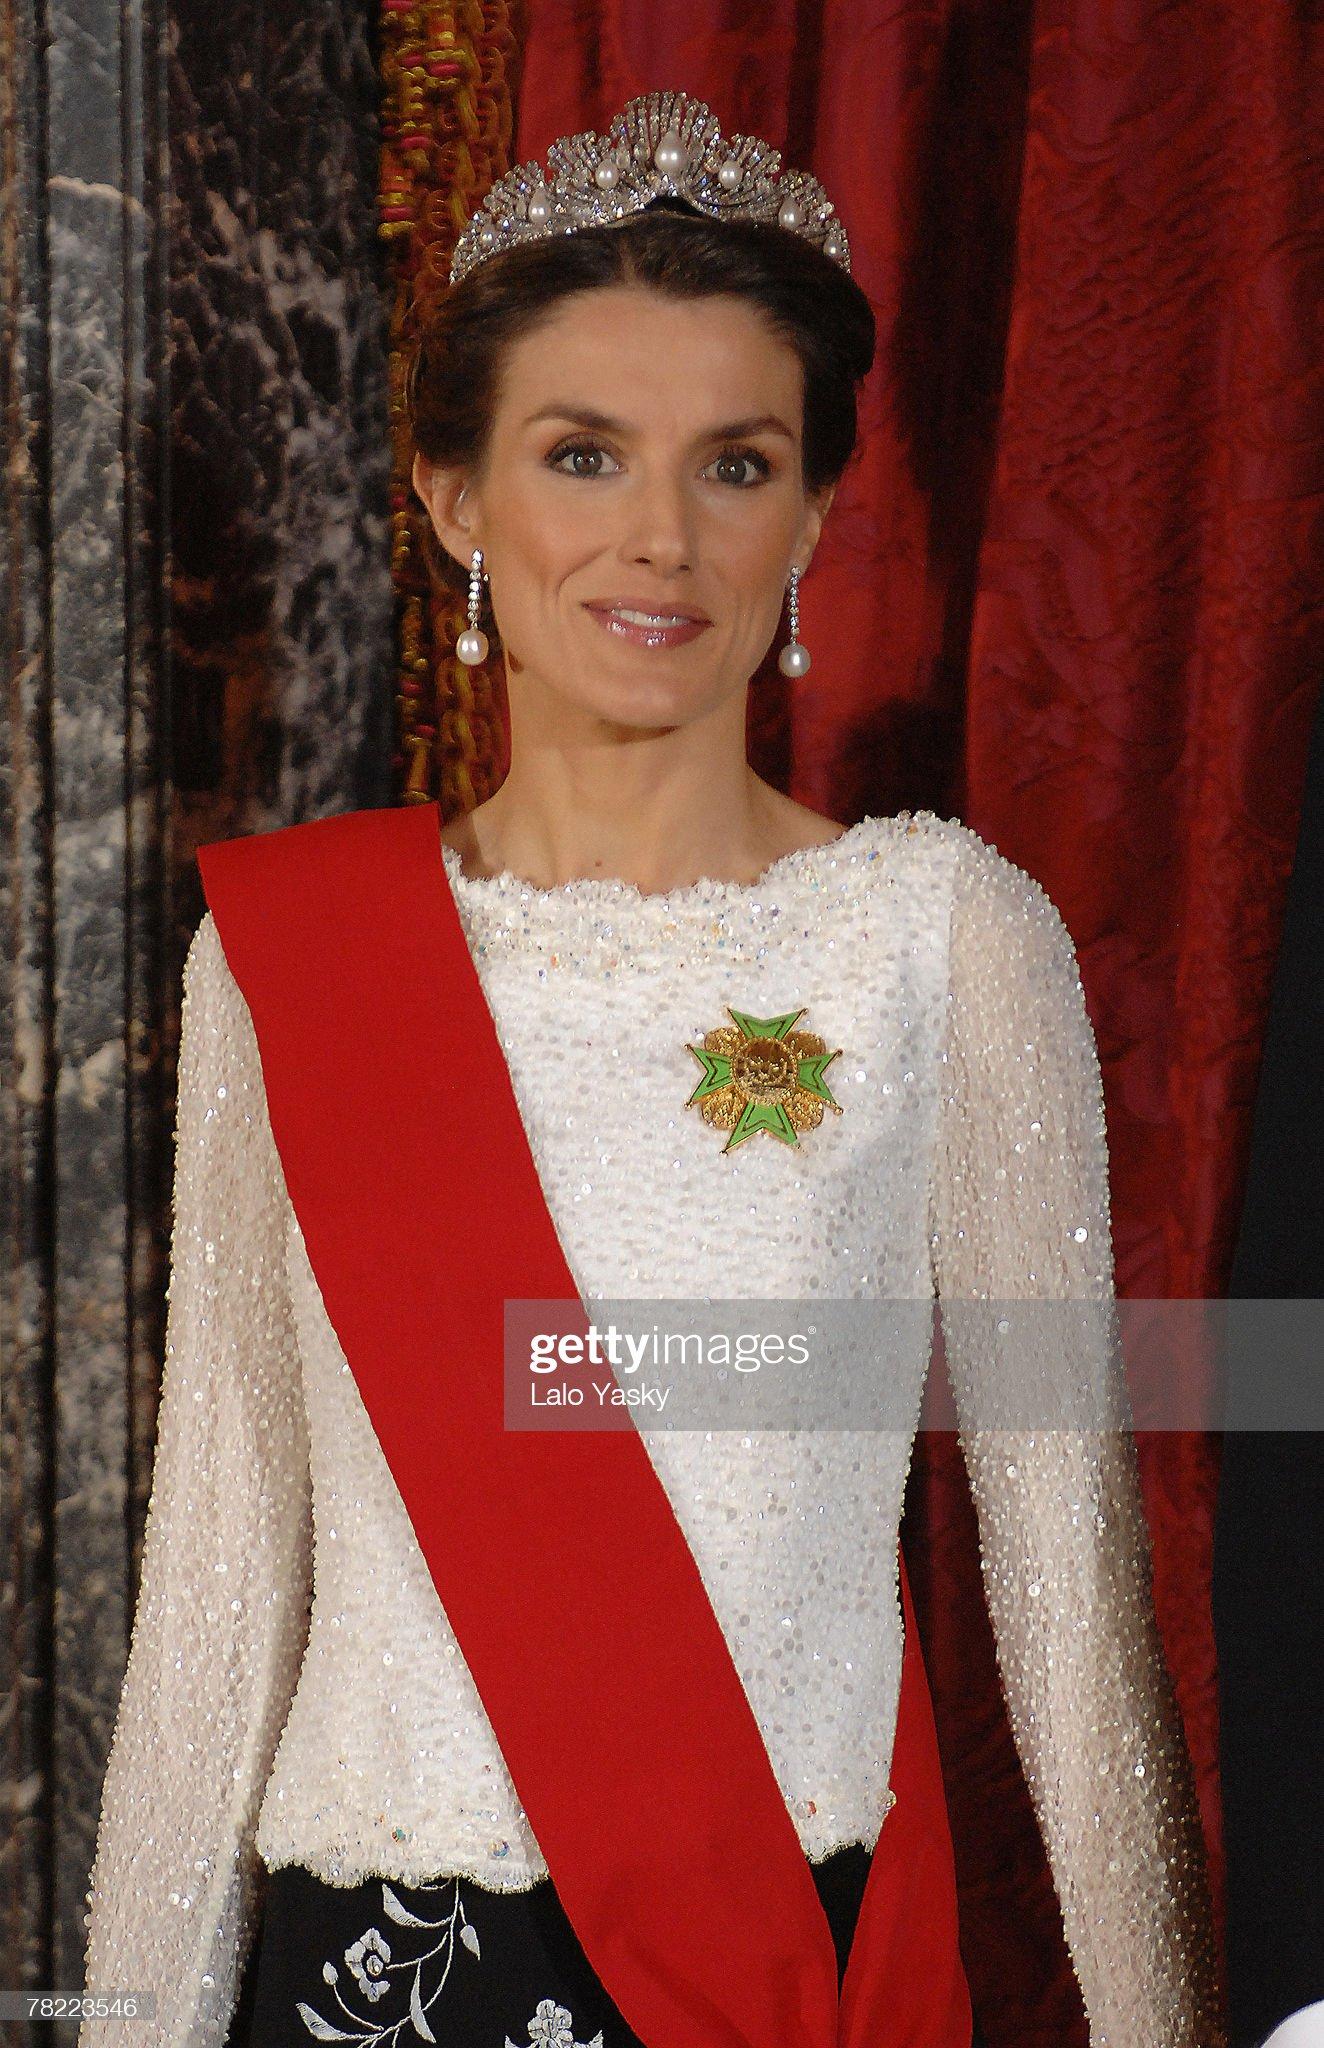 Вечерние наряды Королевы Летиции Spanish Royals Host Gala Dinner : News Photo